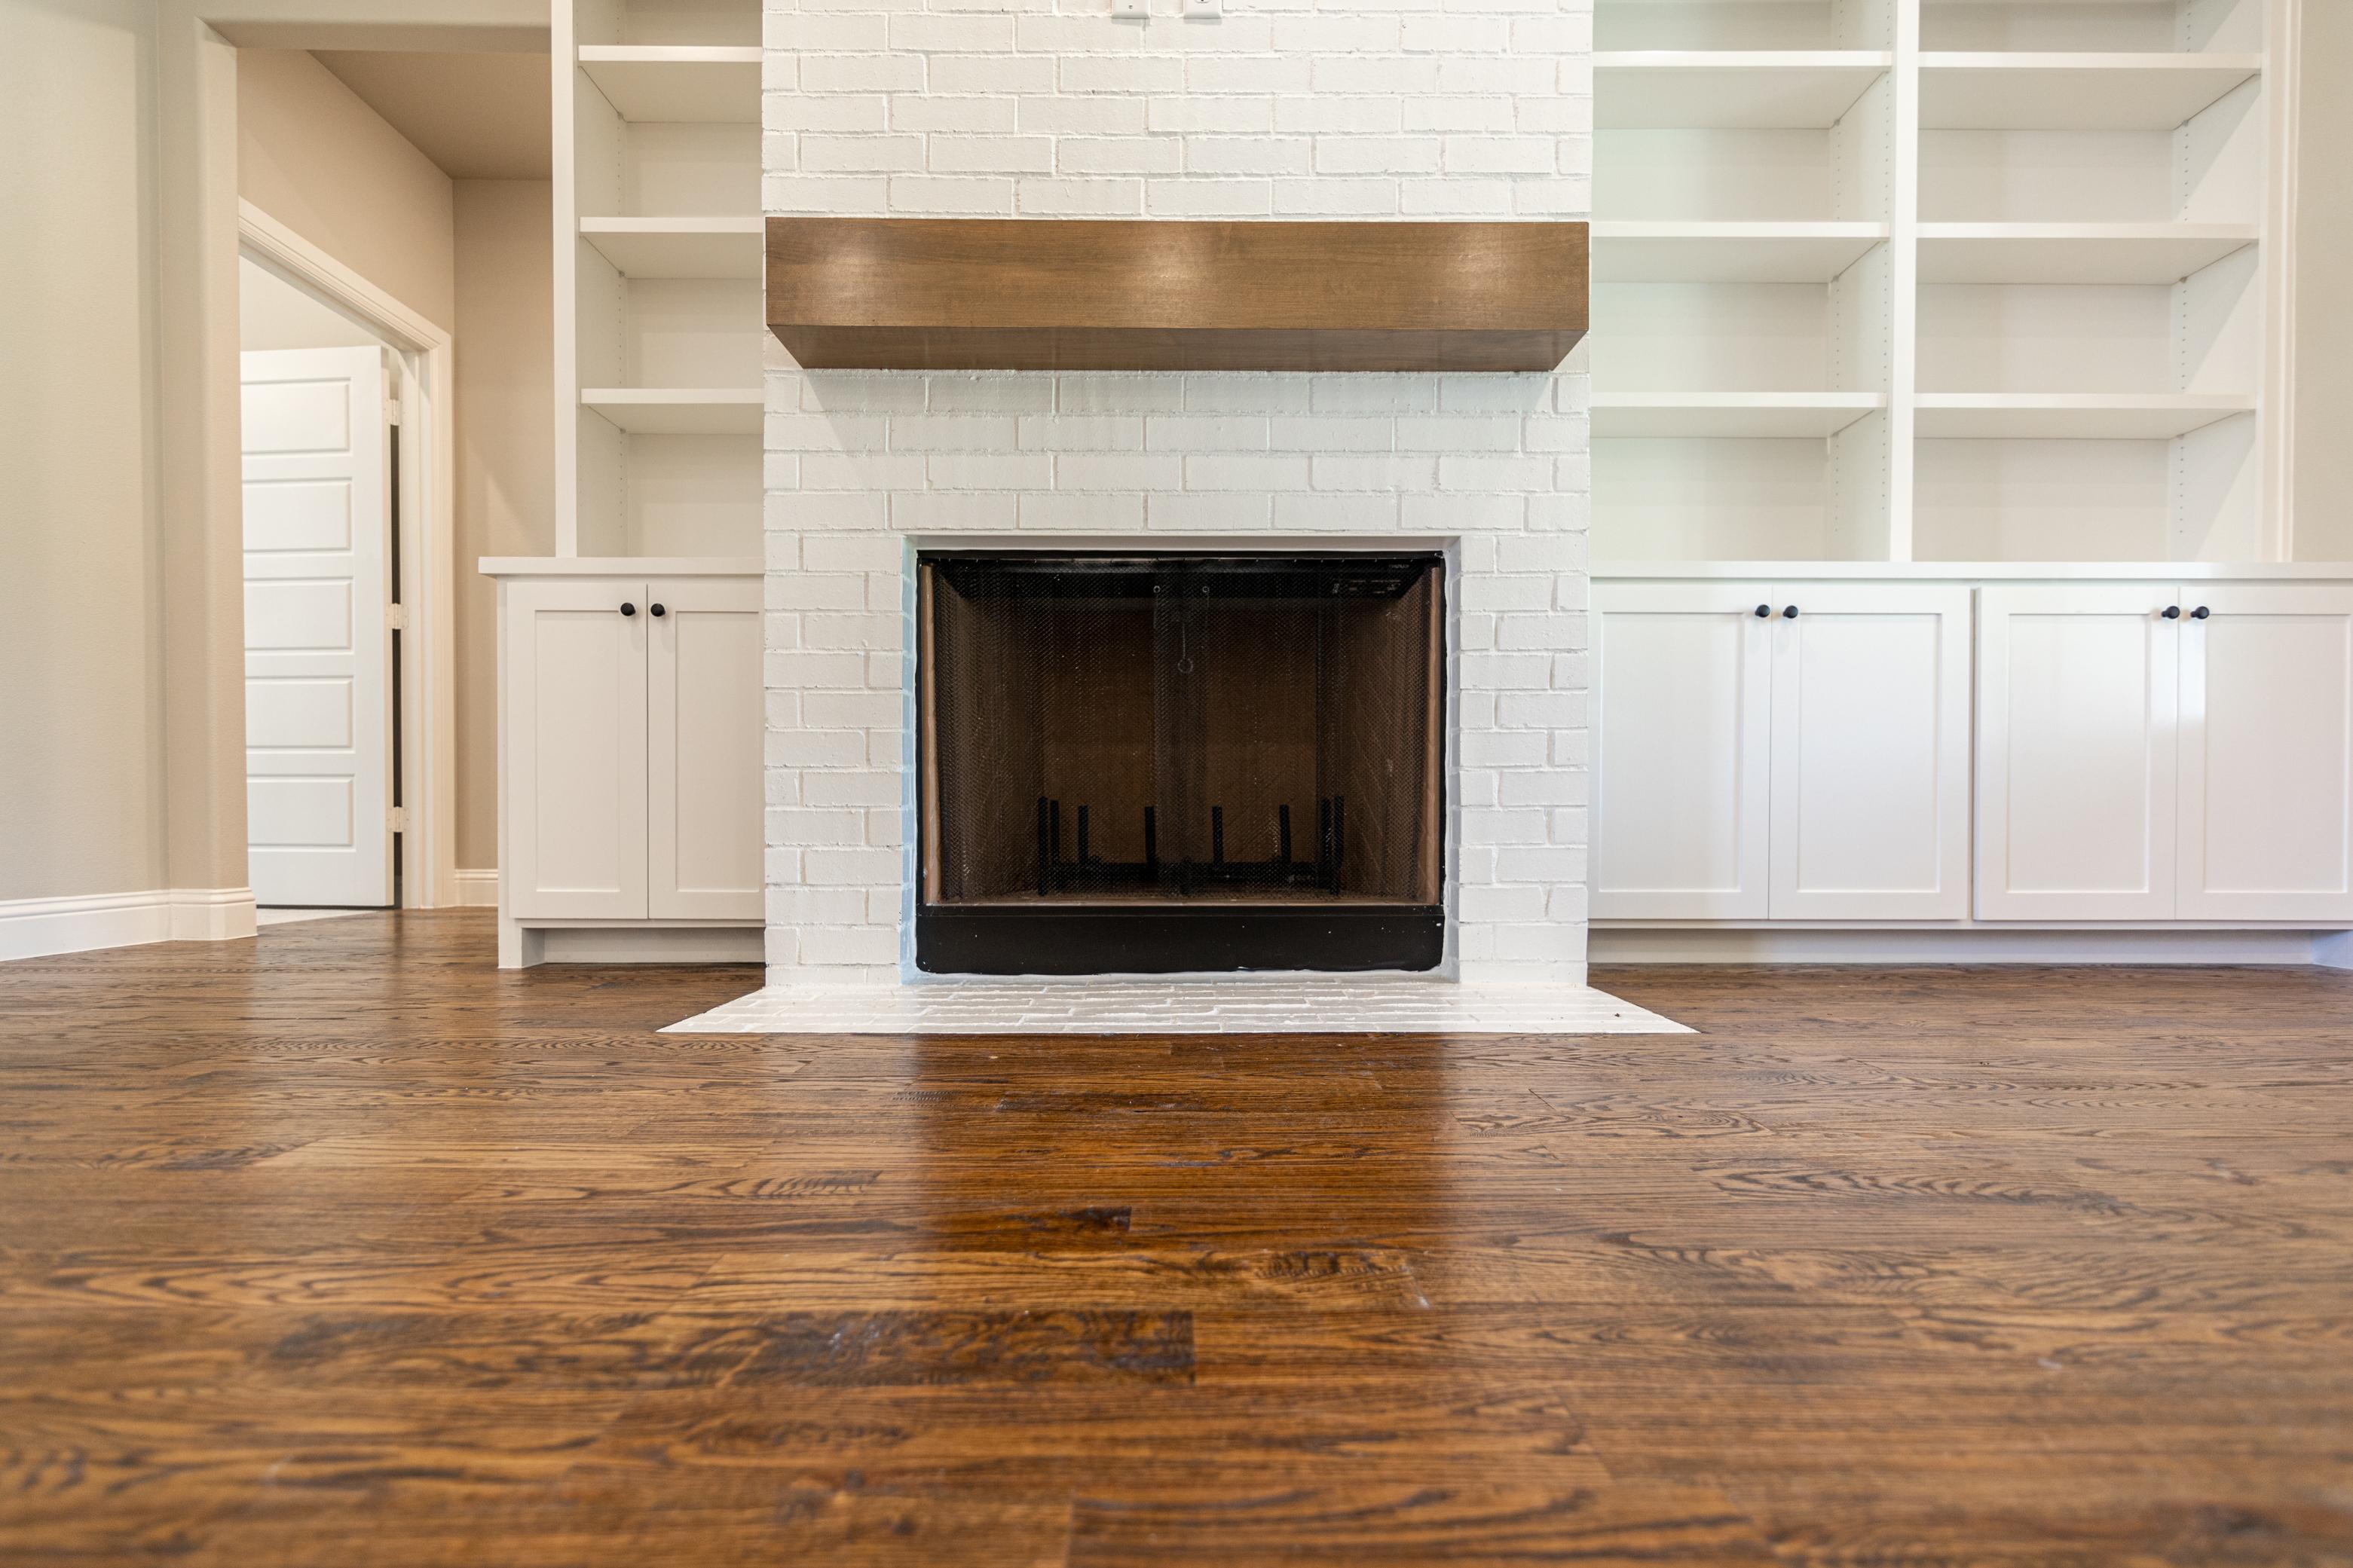 https://0201.nccdn.net/4_2/000/000/038/2d3/fireplace.jpg